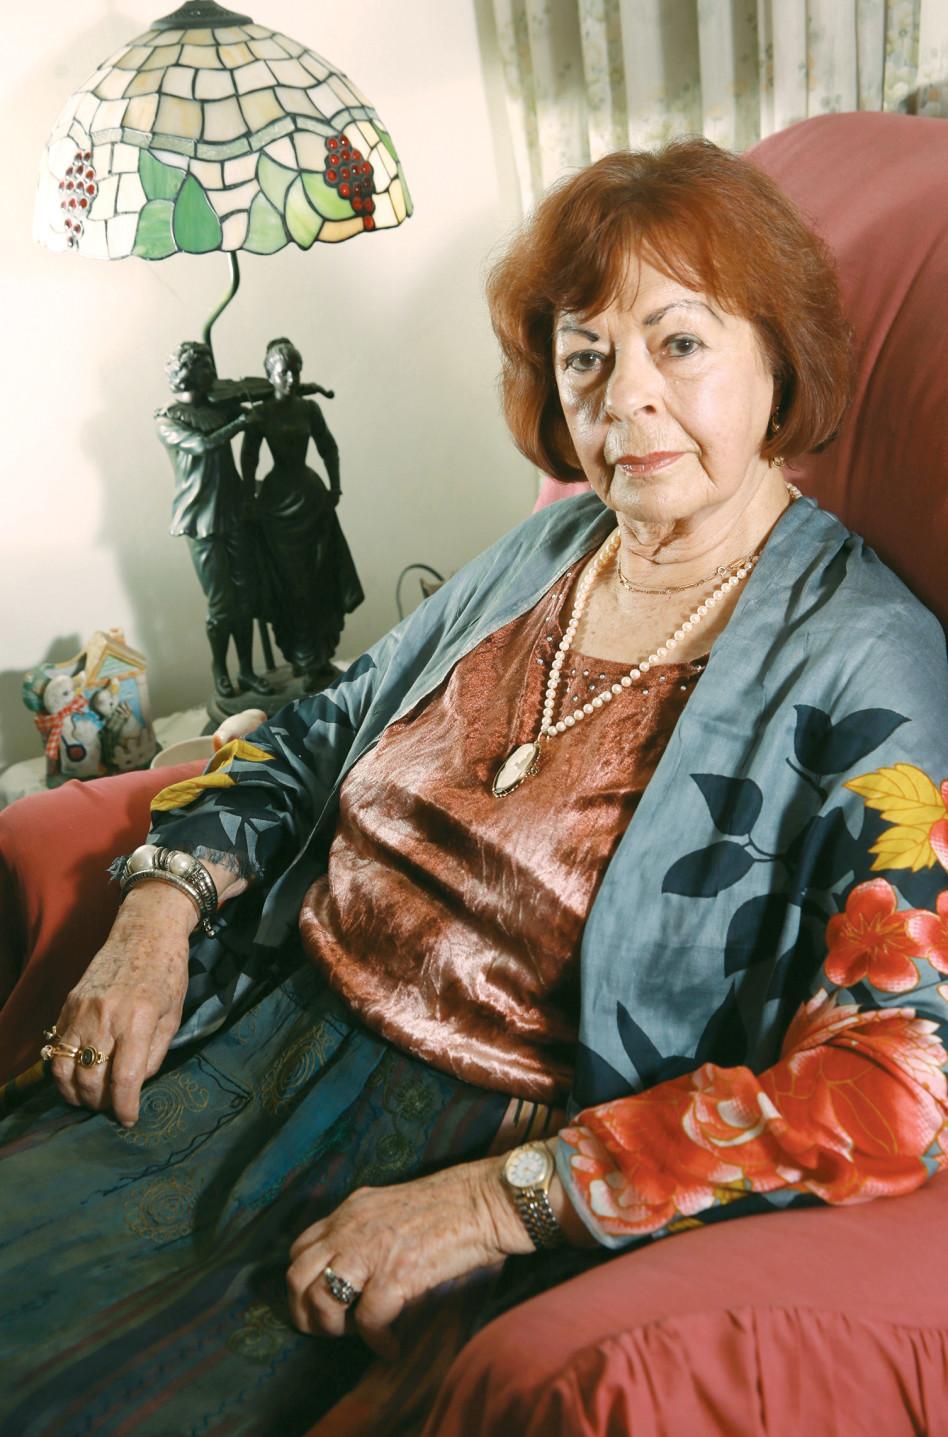 הדסה מור (צילום: מירי צחי)